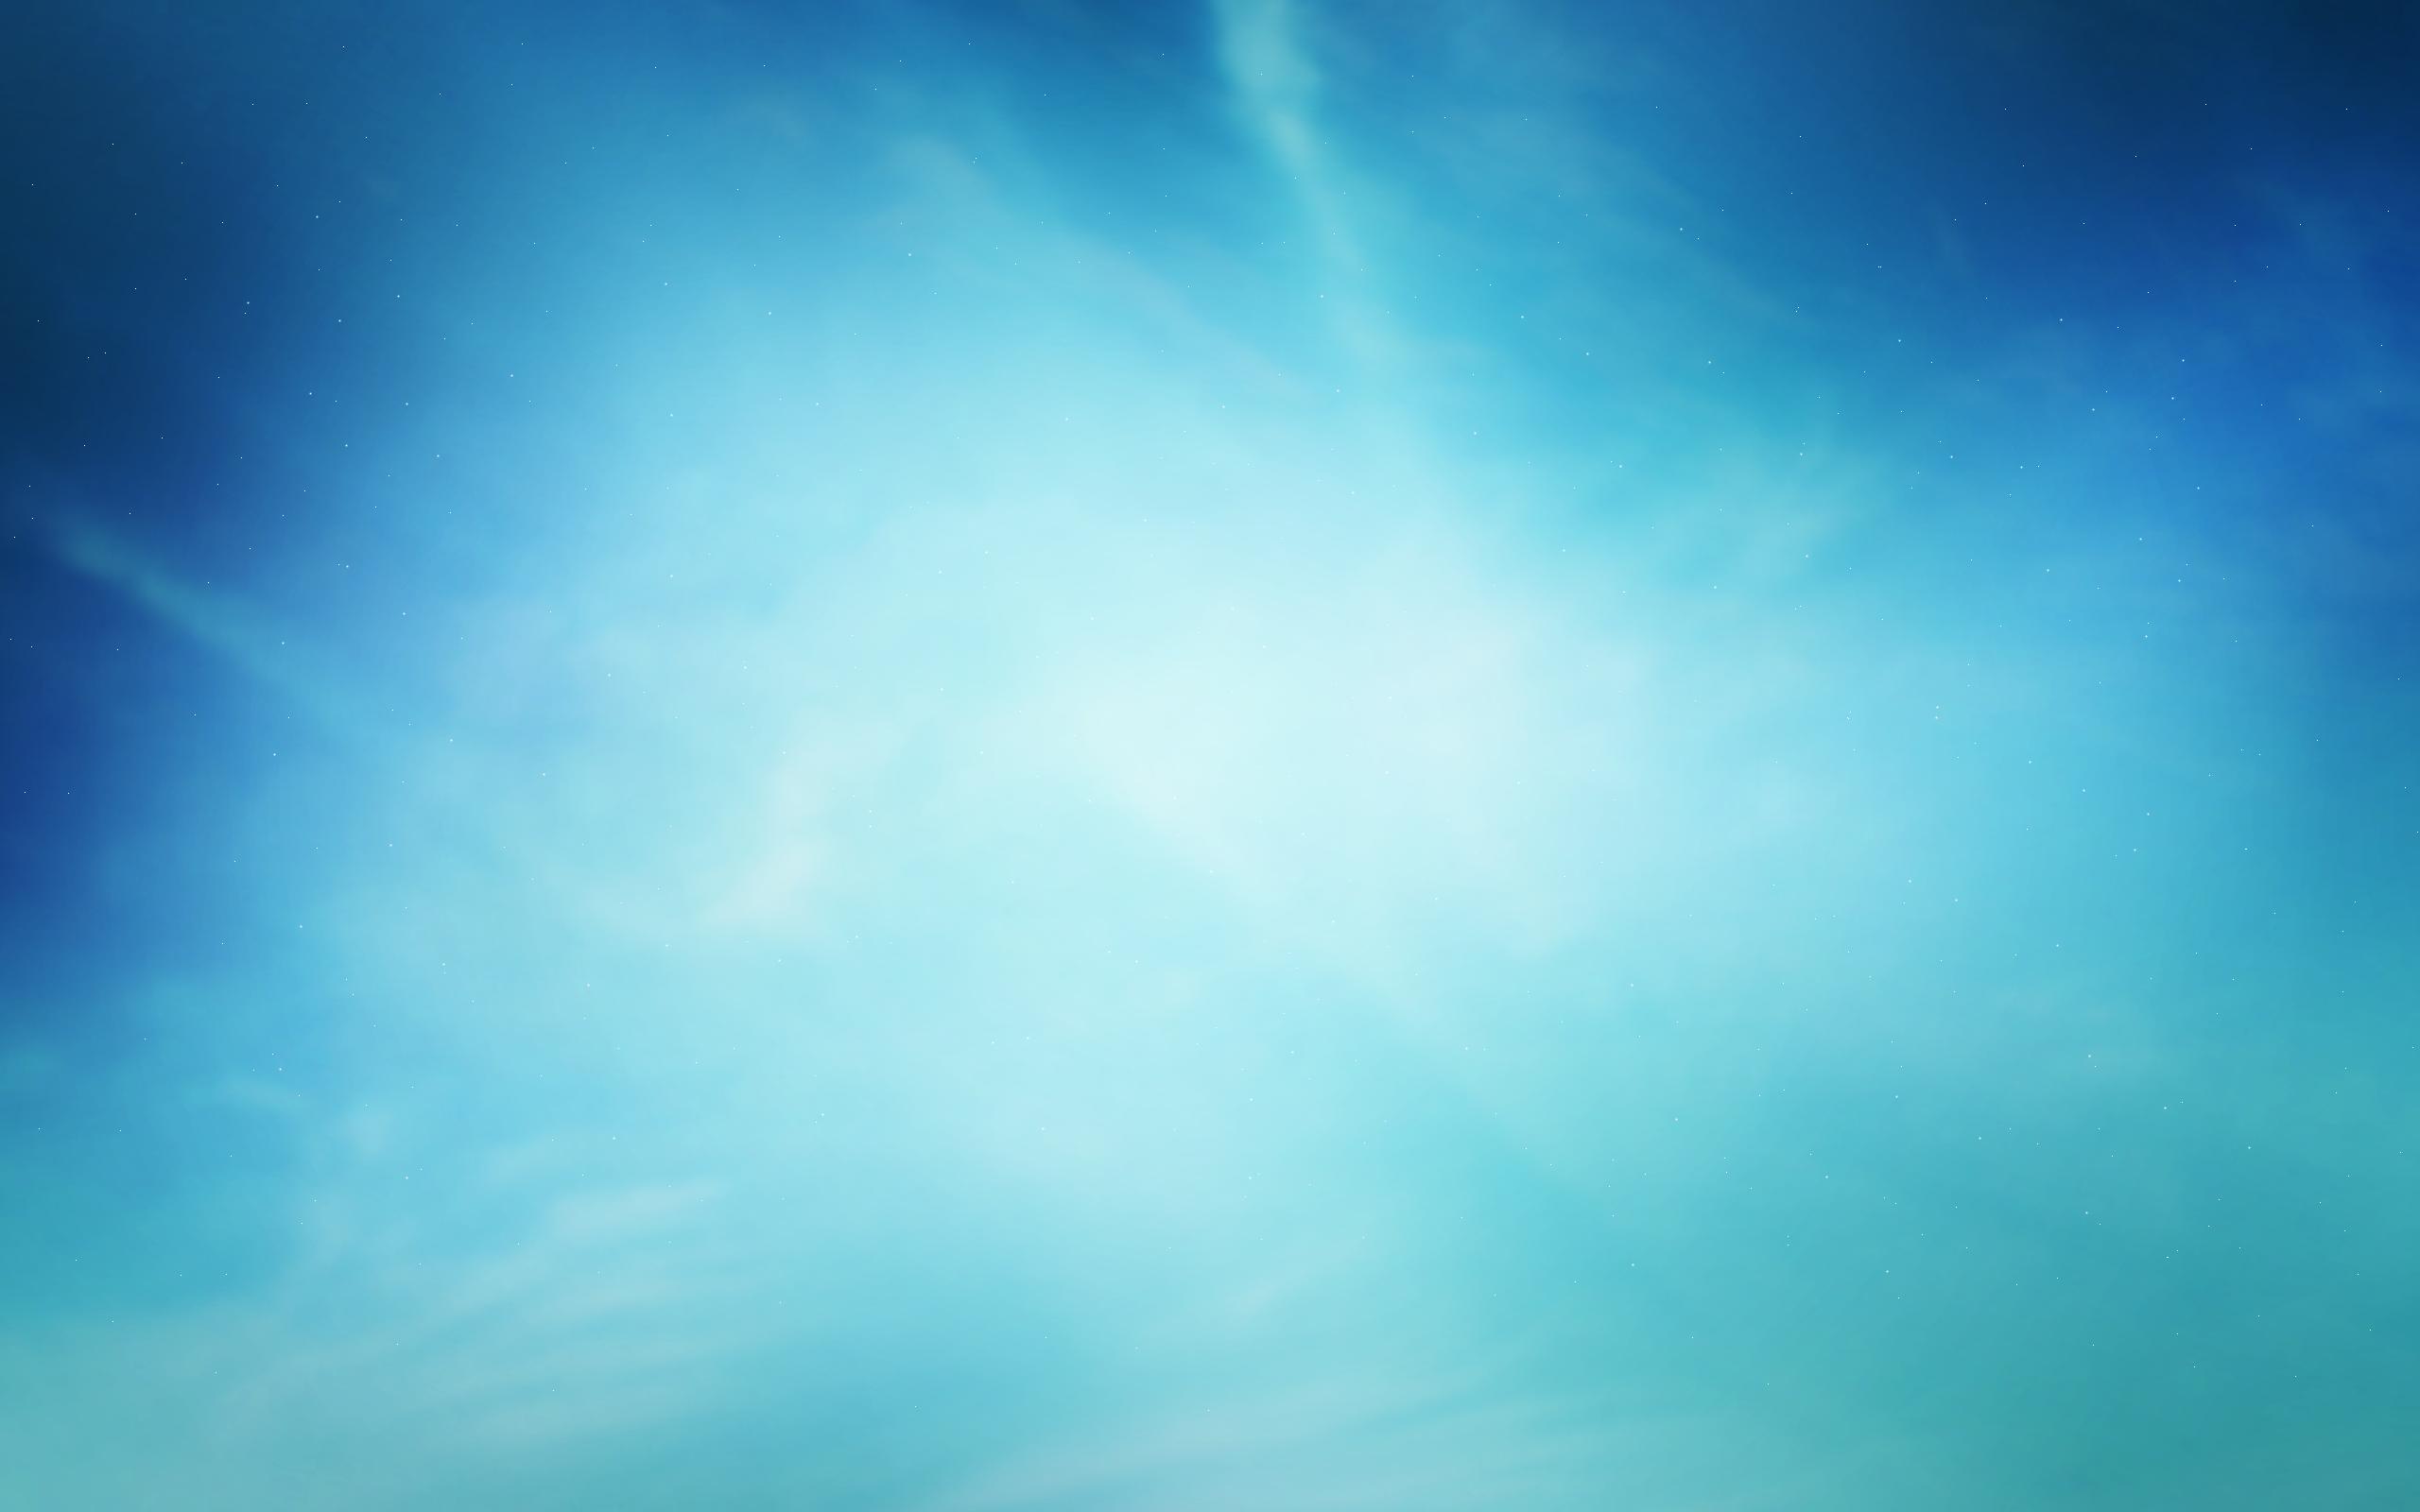 Light Blue Wallpaper 2560x1600 Light Blue 2560x1600